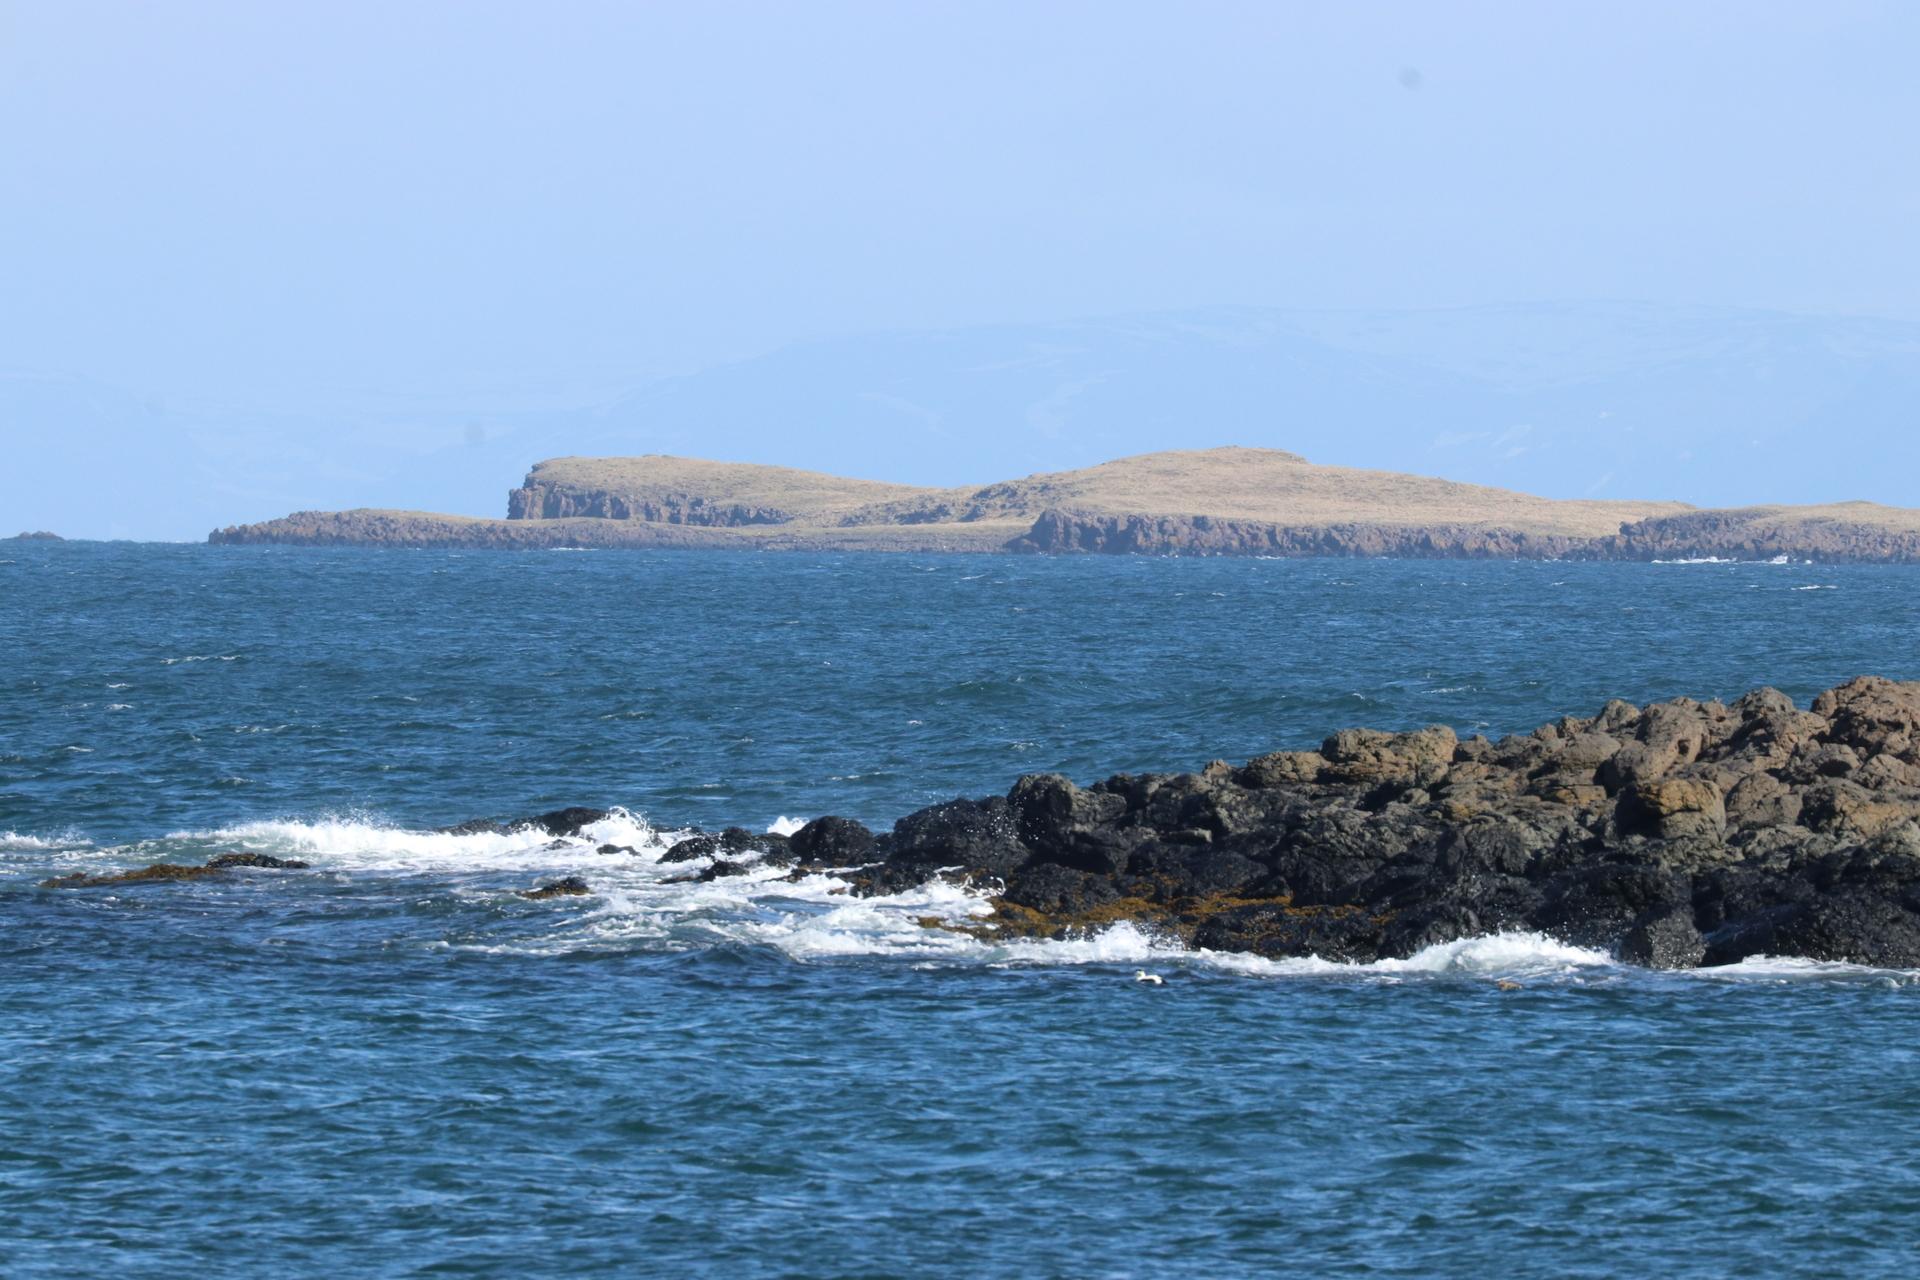 Breiðafjörður er eitt mikilvægasta varpsvæði æðarfugls á Íslandi. Eyjarnar eru varpstaðir og þangsvæðin uppeldisstöðvar fyrir ungana.